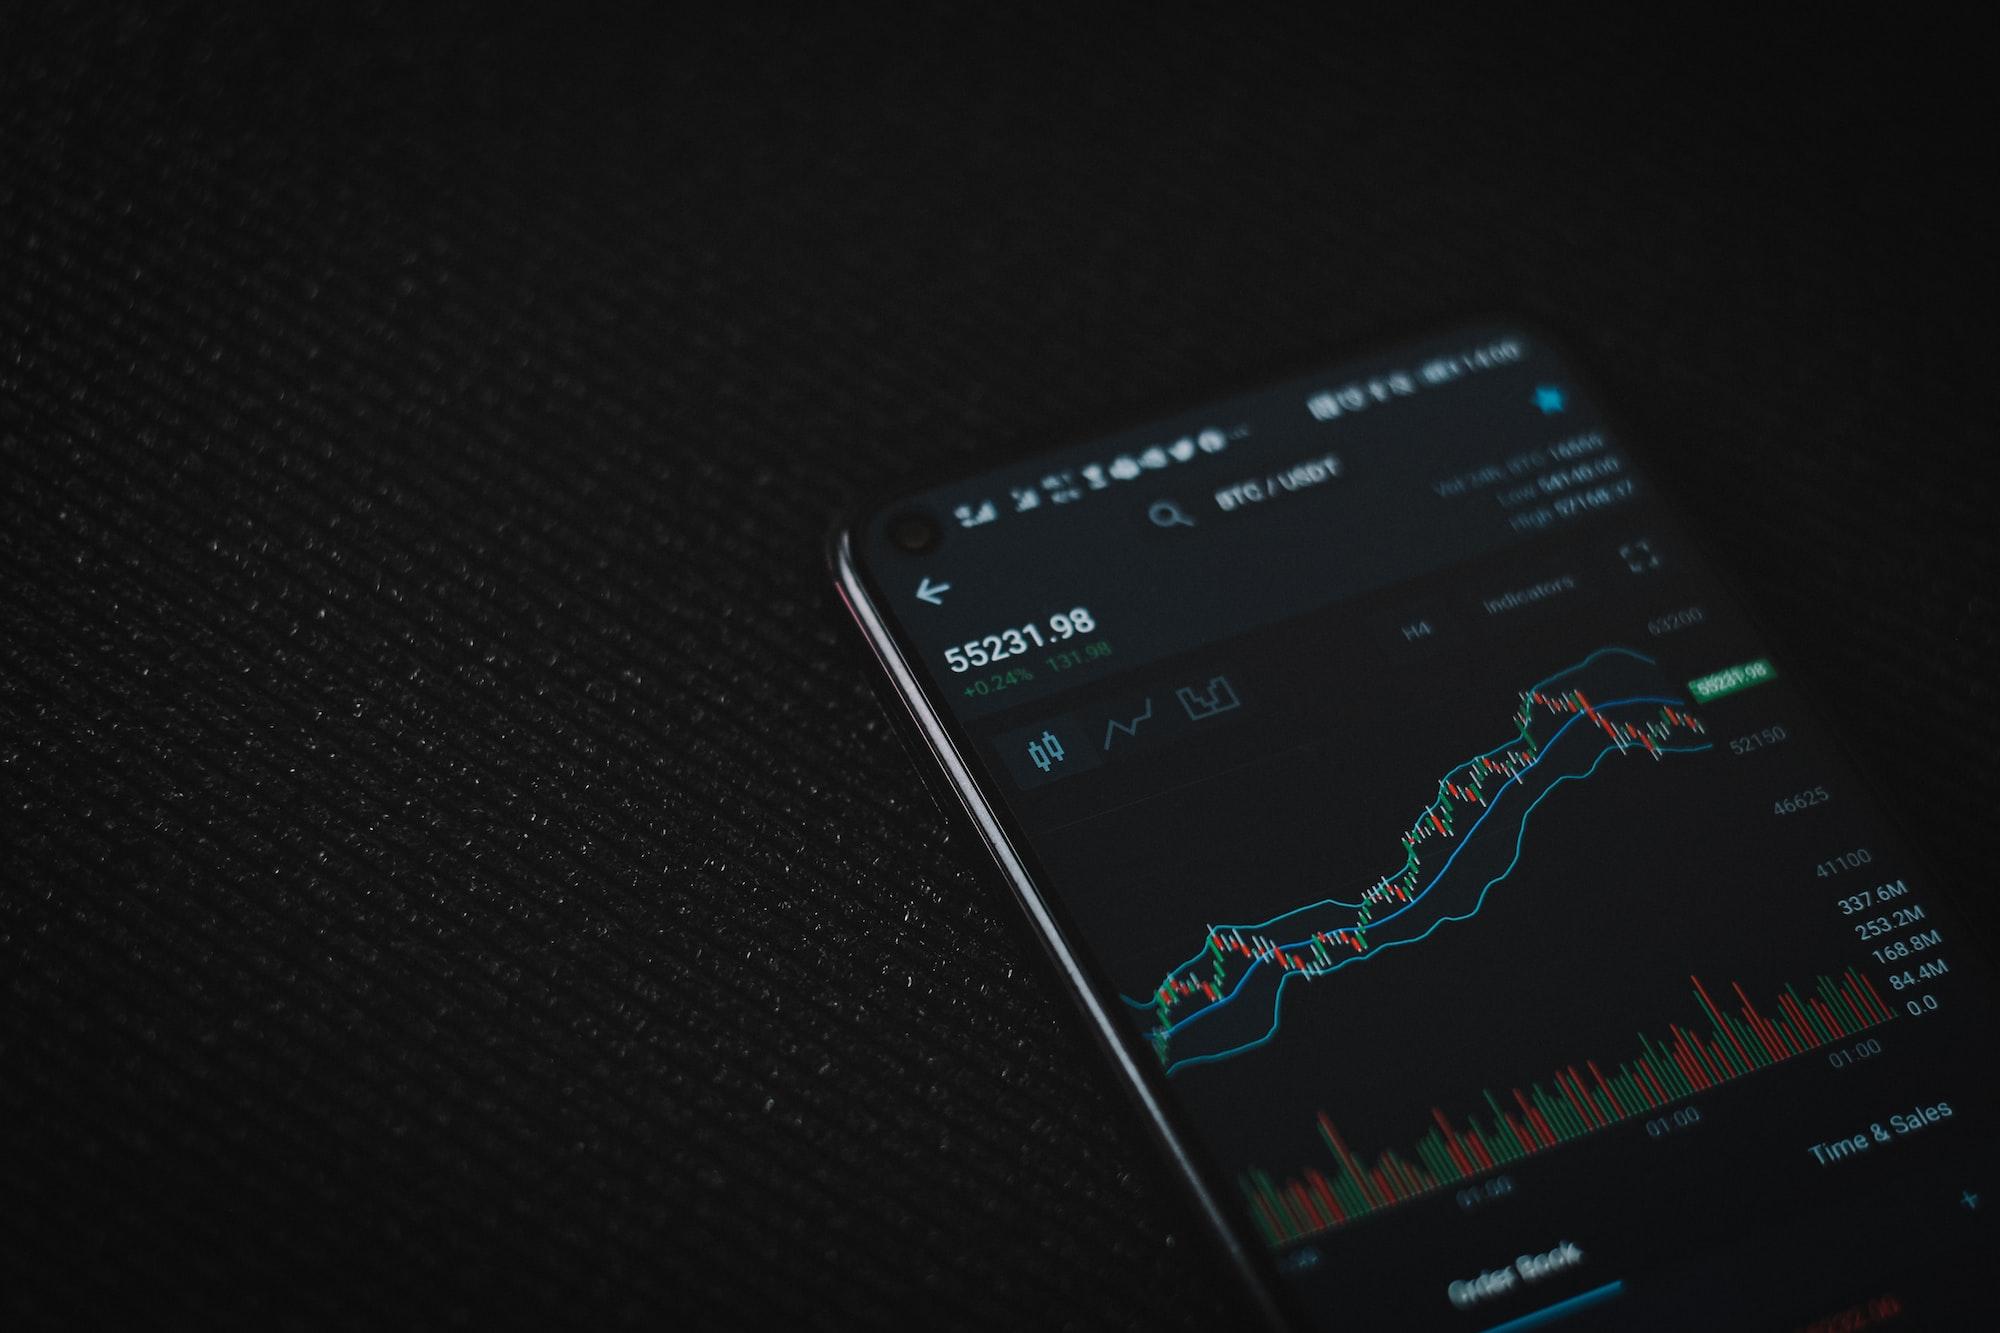 Krypto: Anbefalinger og risiko